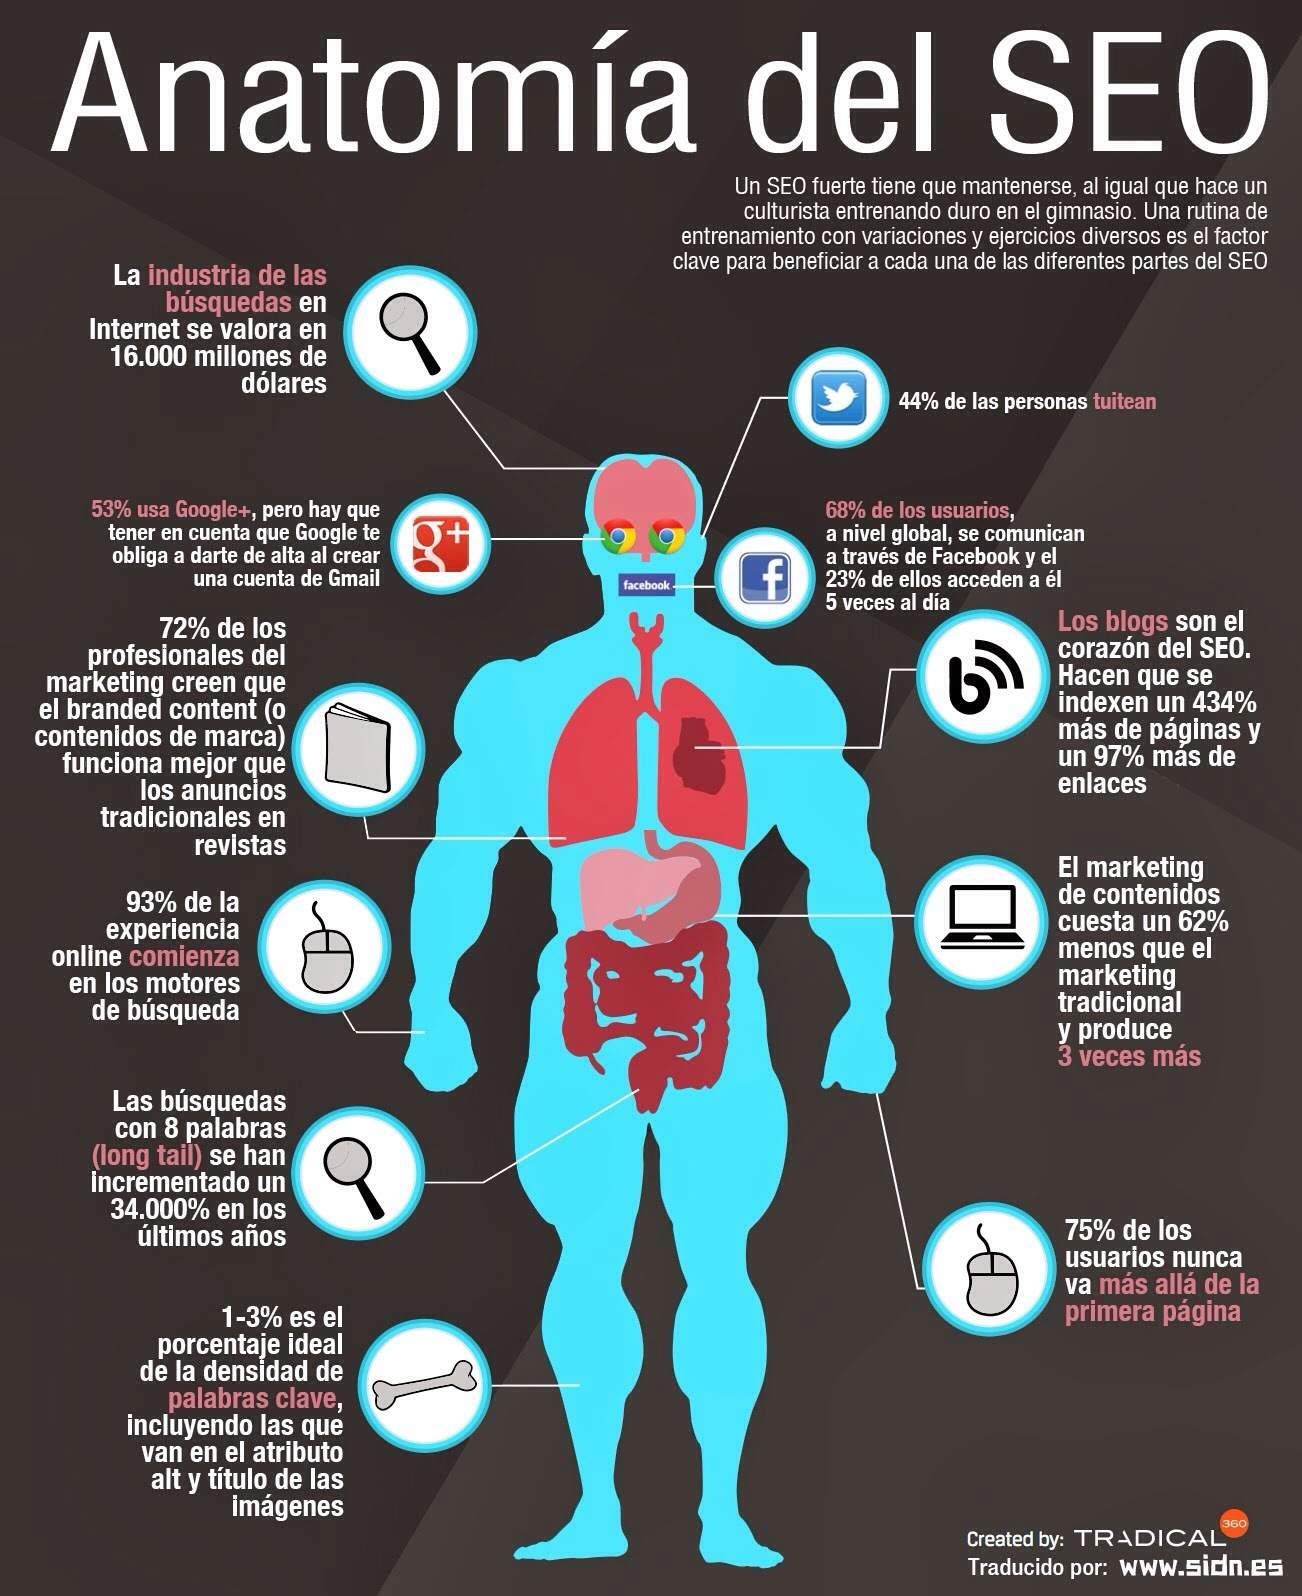 ¿Por qué es tan beneficioso el SEO? #Infografía